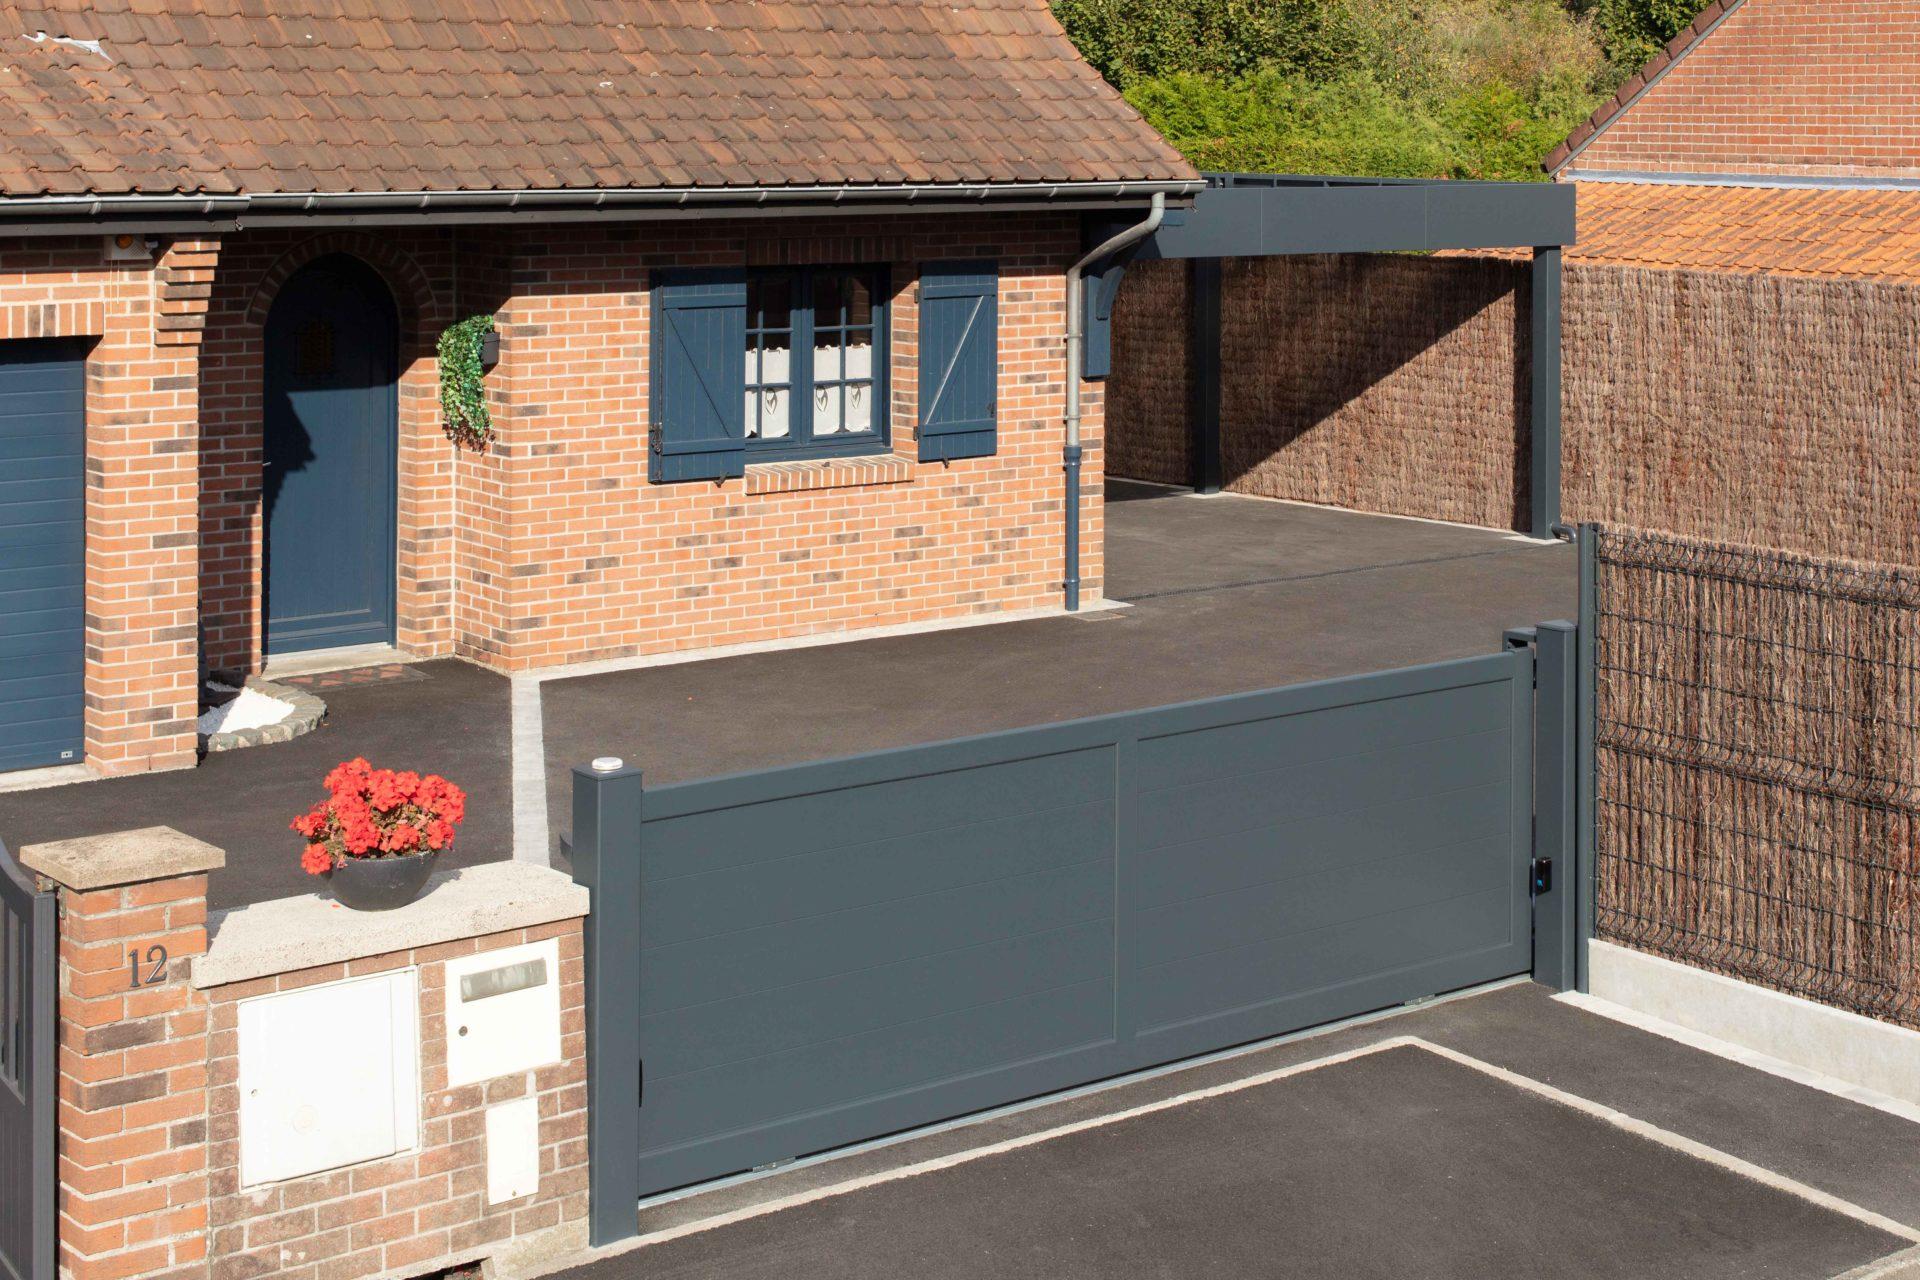 Carport aluminium Horizon adossé avec toiture polycarbonate, brise-vues et porte coulissante